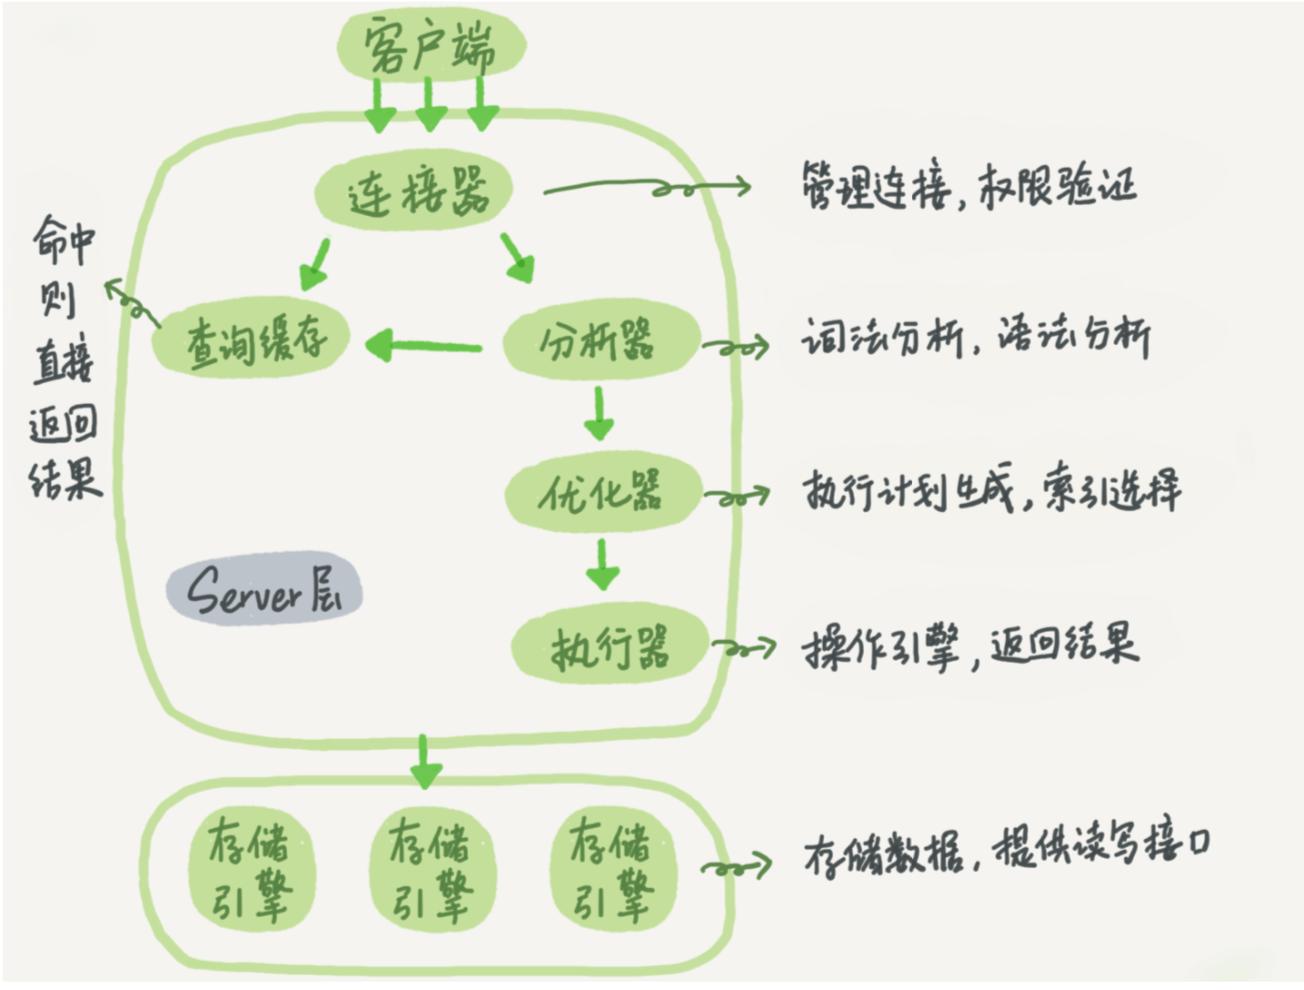 mysql架构图